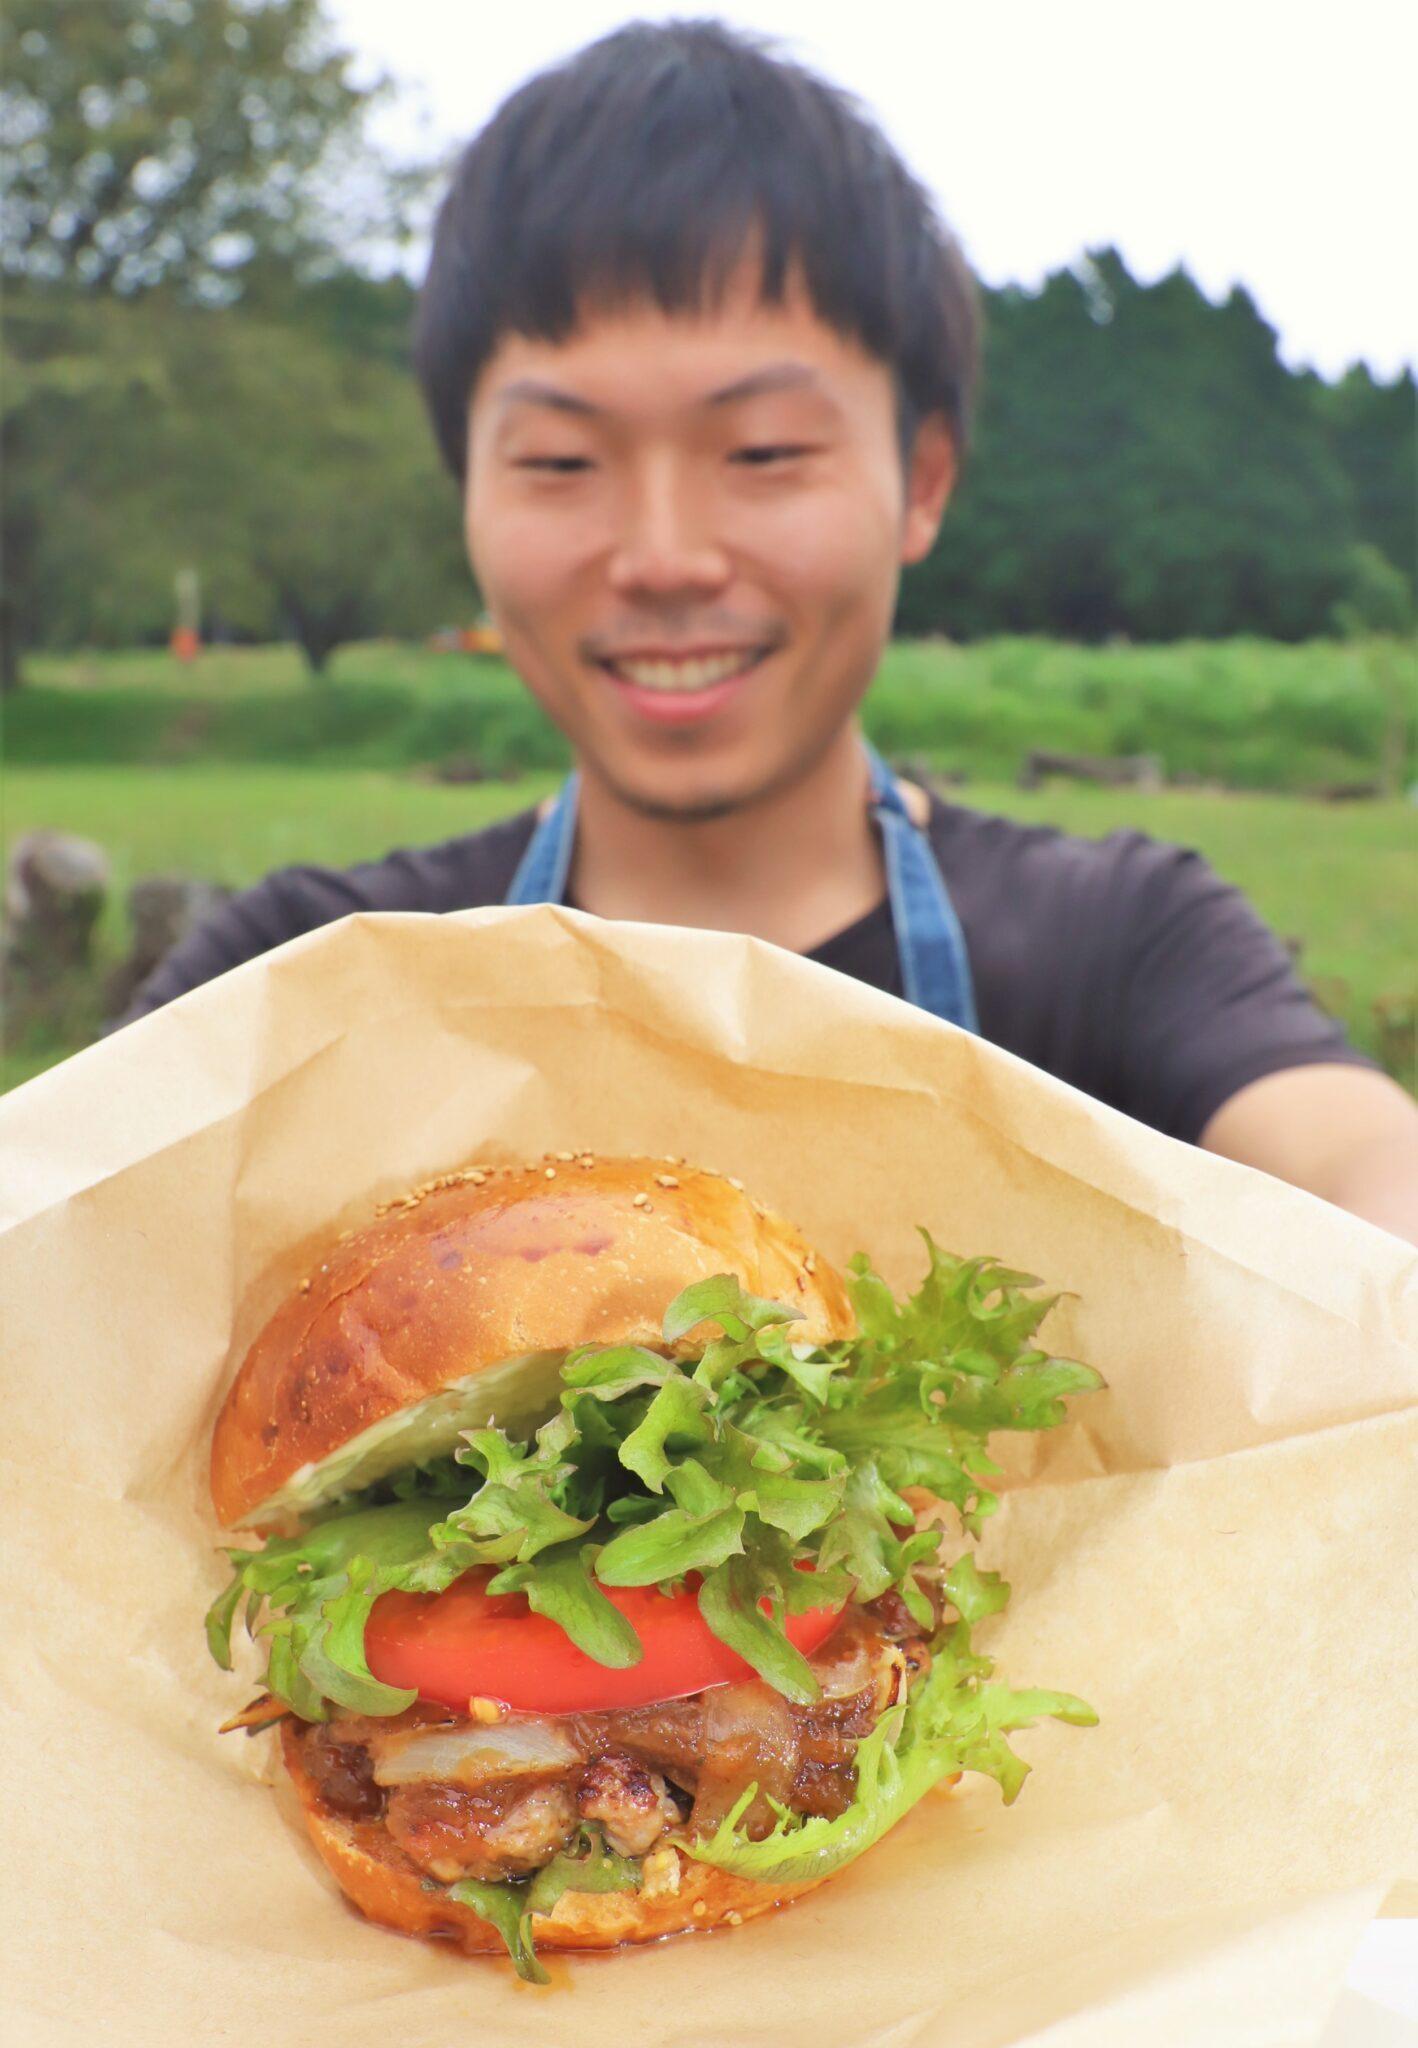 人気呼ぶ「千人塚バーガー」 コロナを逆手に 飯島